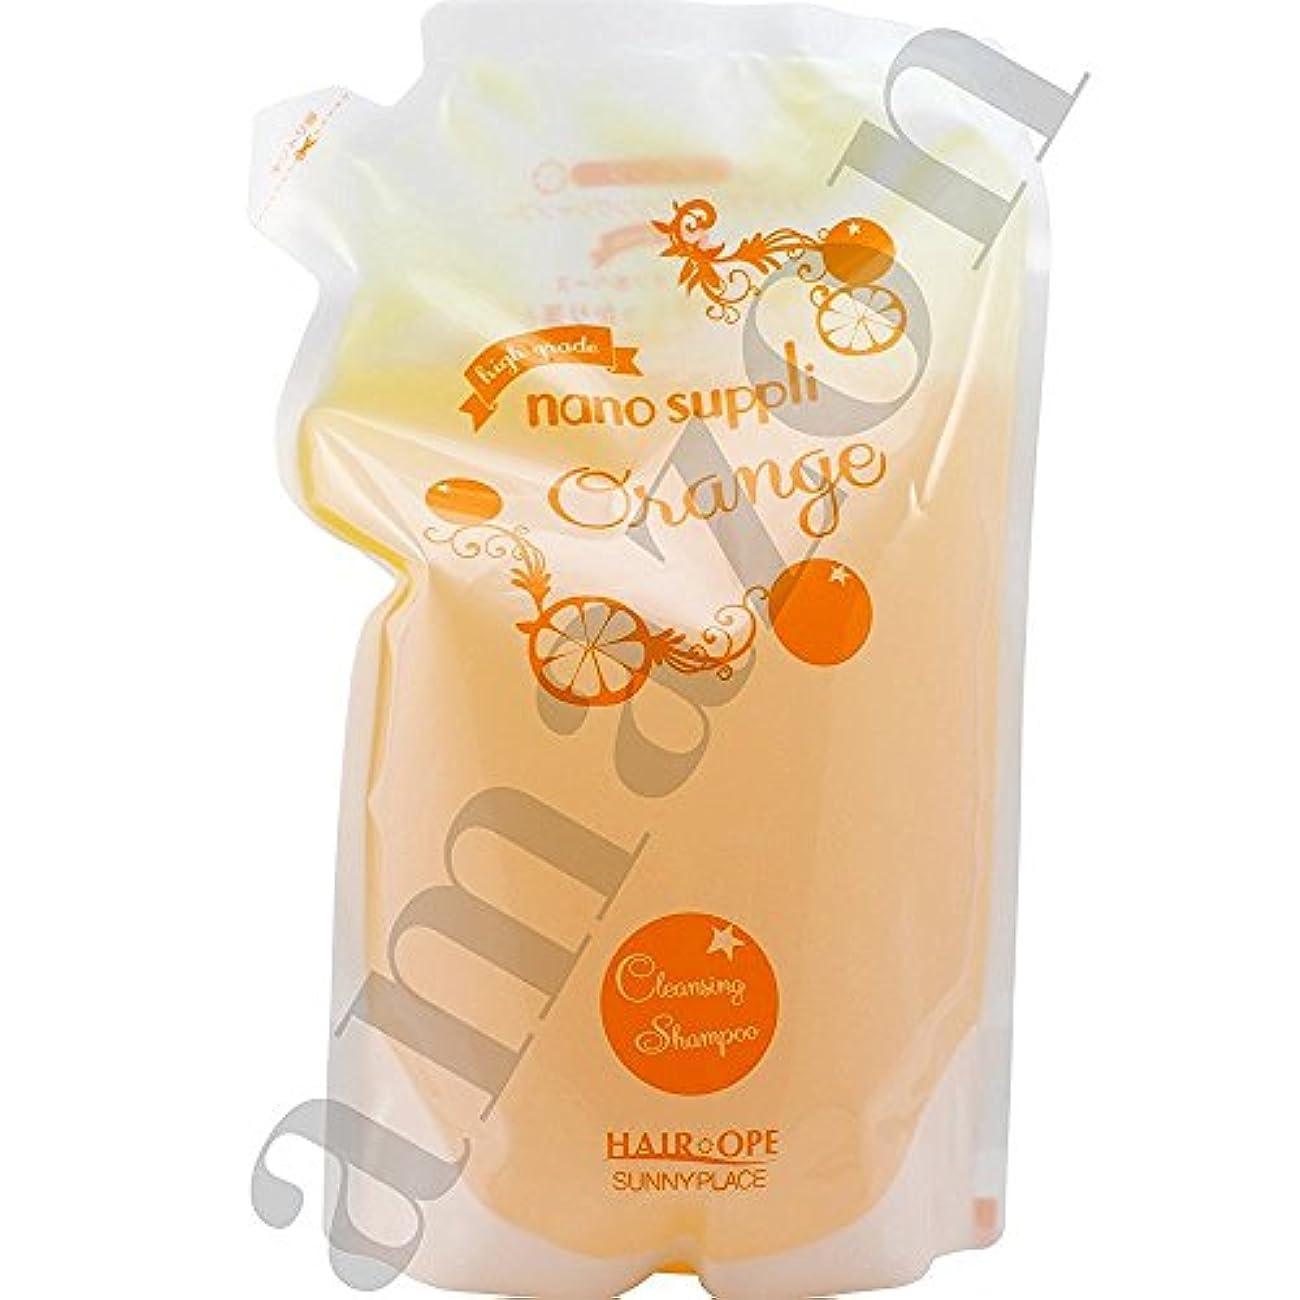 ご予約快適エンティティサニープレイス ナノサプリ クレンジングシャンプー オレンジ 800ml [5個セット]